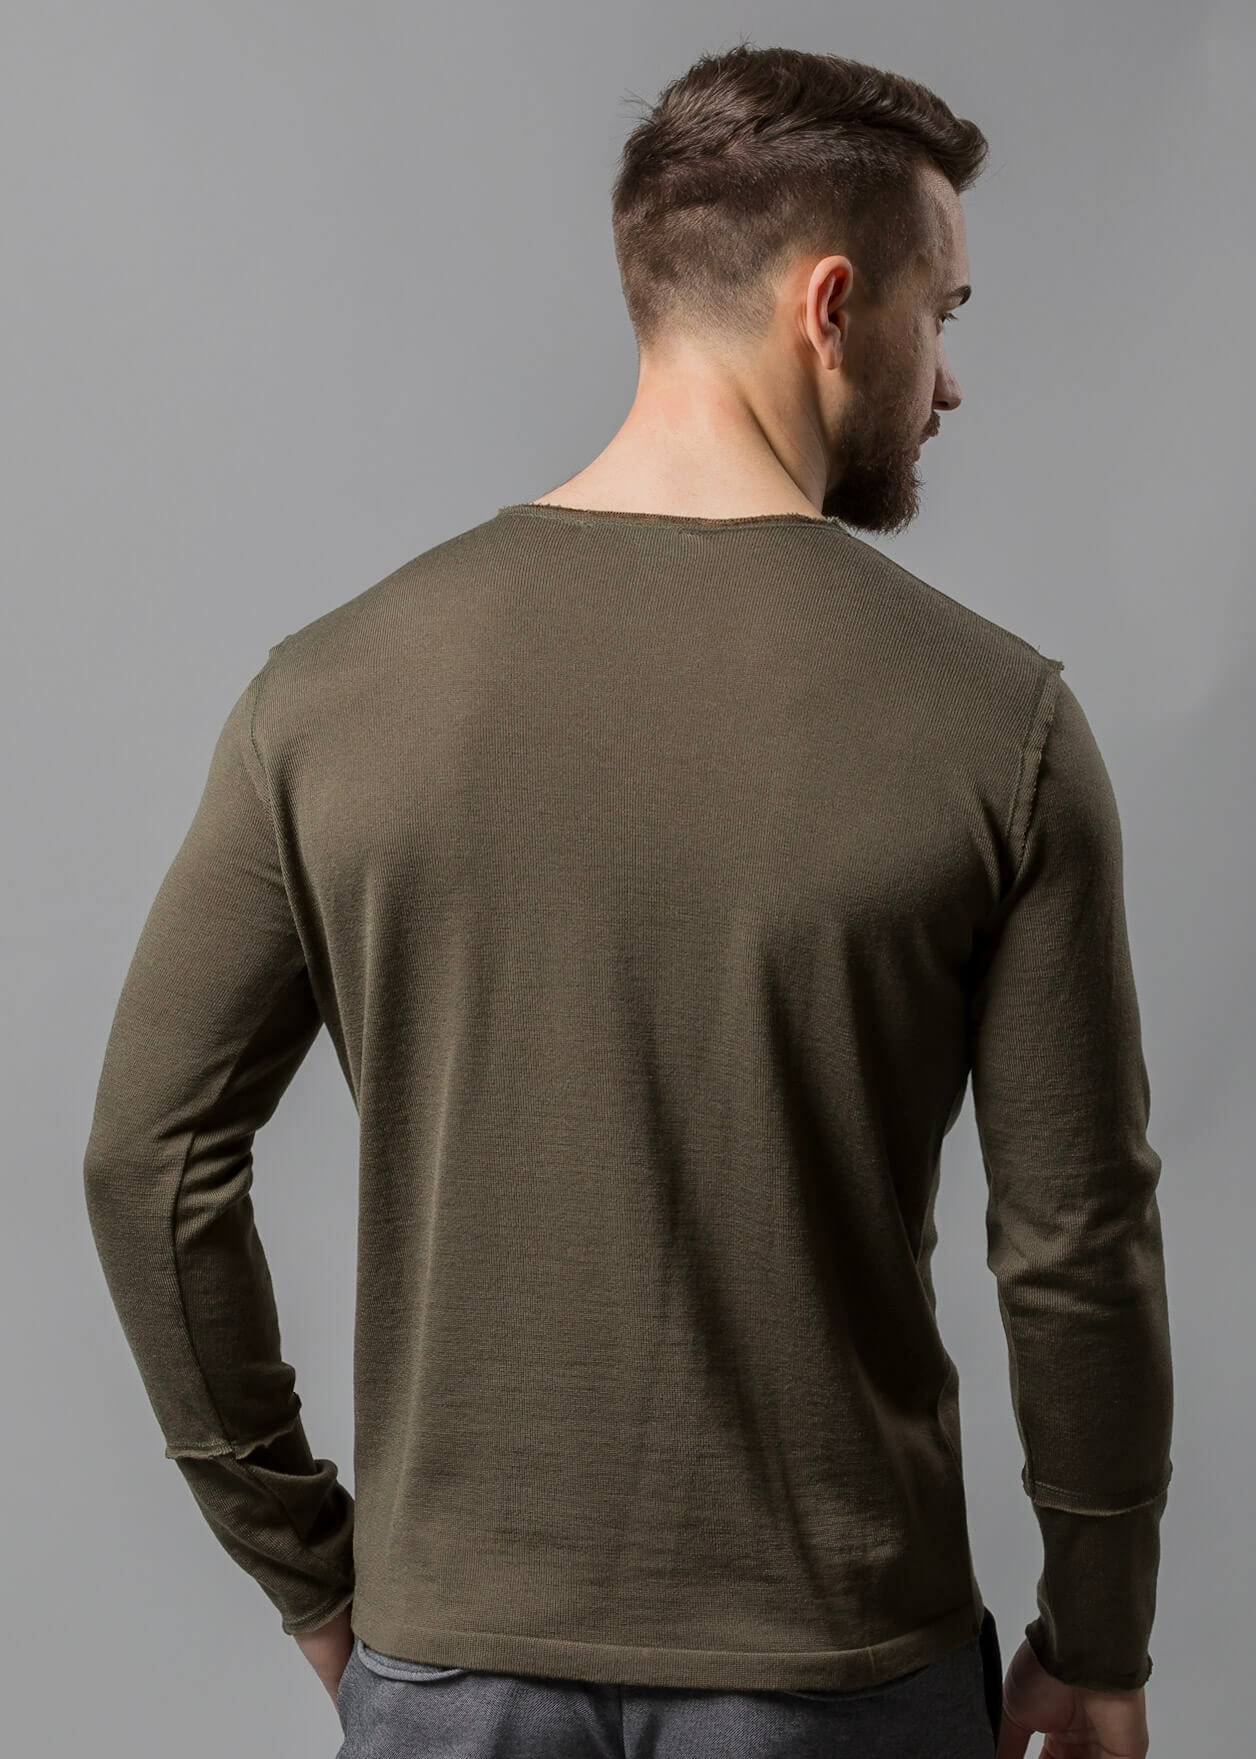 Connemara Rundhals Pullover Männer oliv Tom aus Merinowolle extrafein mit offenen Kanten am Halsausschnitt